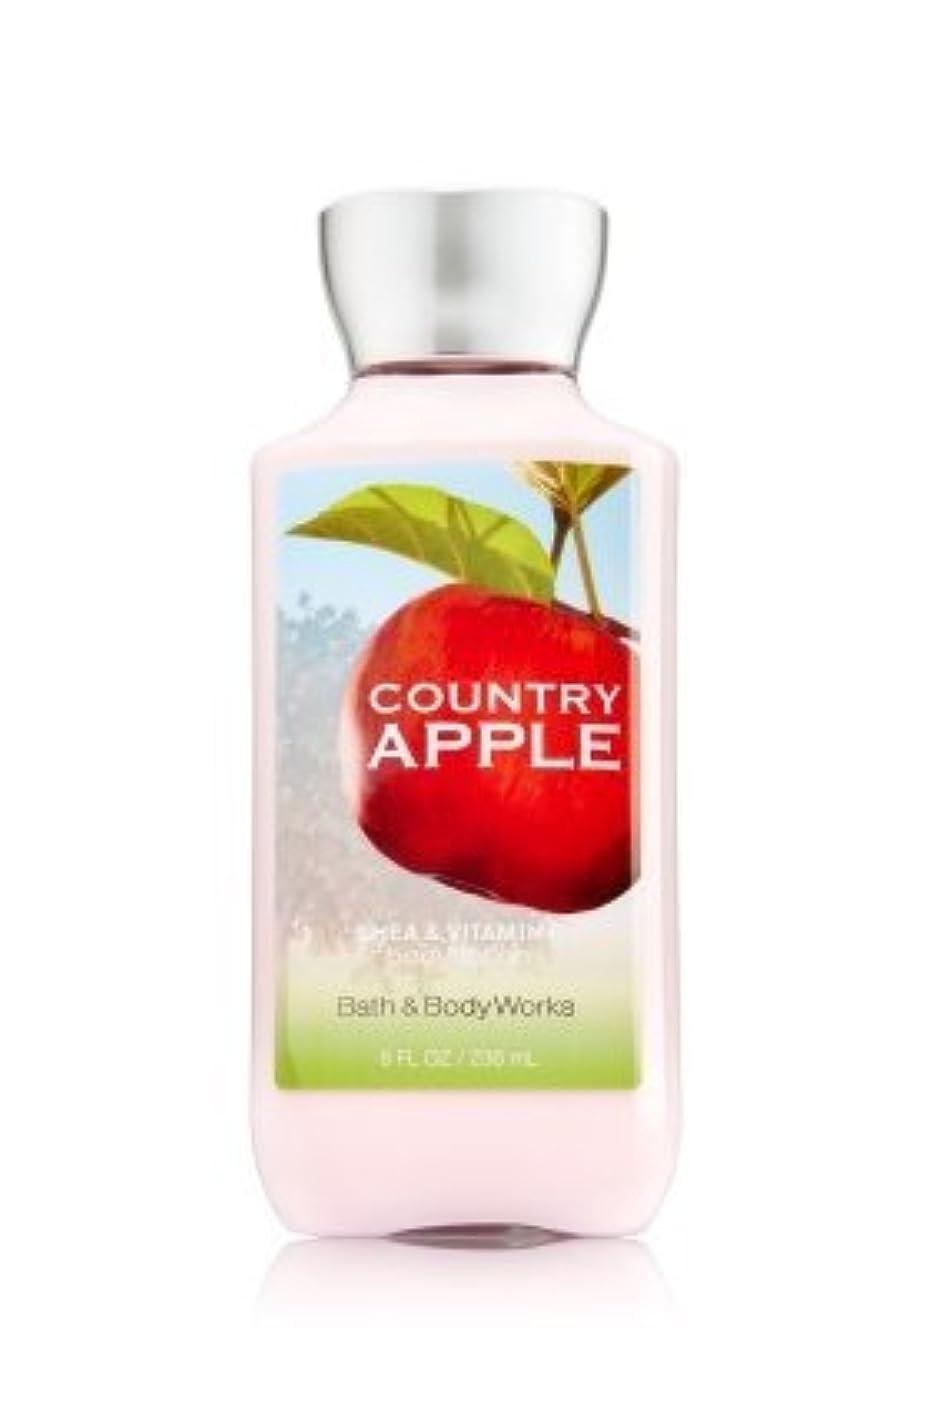 ラッカスその結果失【Bath&Body Works/バス&ボディワークス】 ボディローション カントリーアップル Body Lotion Country Apple 8 fl oz / 236 mL [並行輸入品]